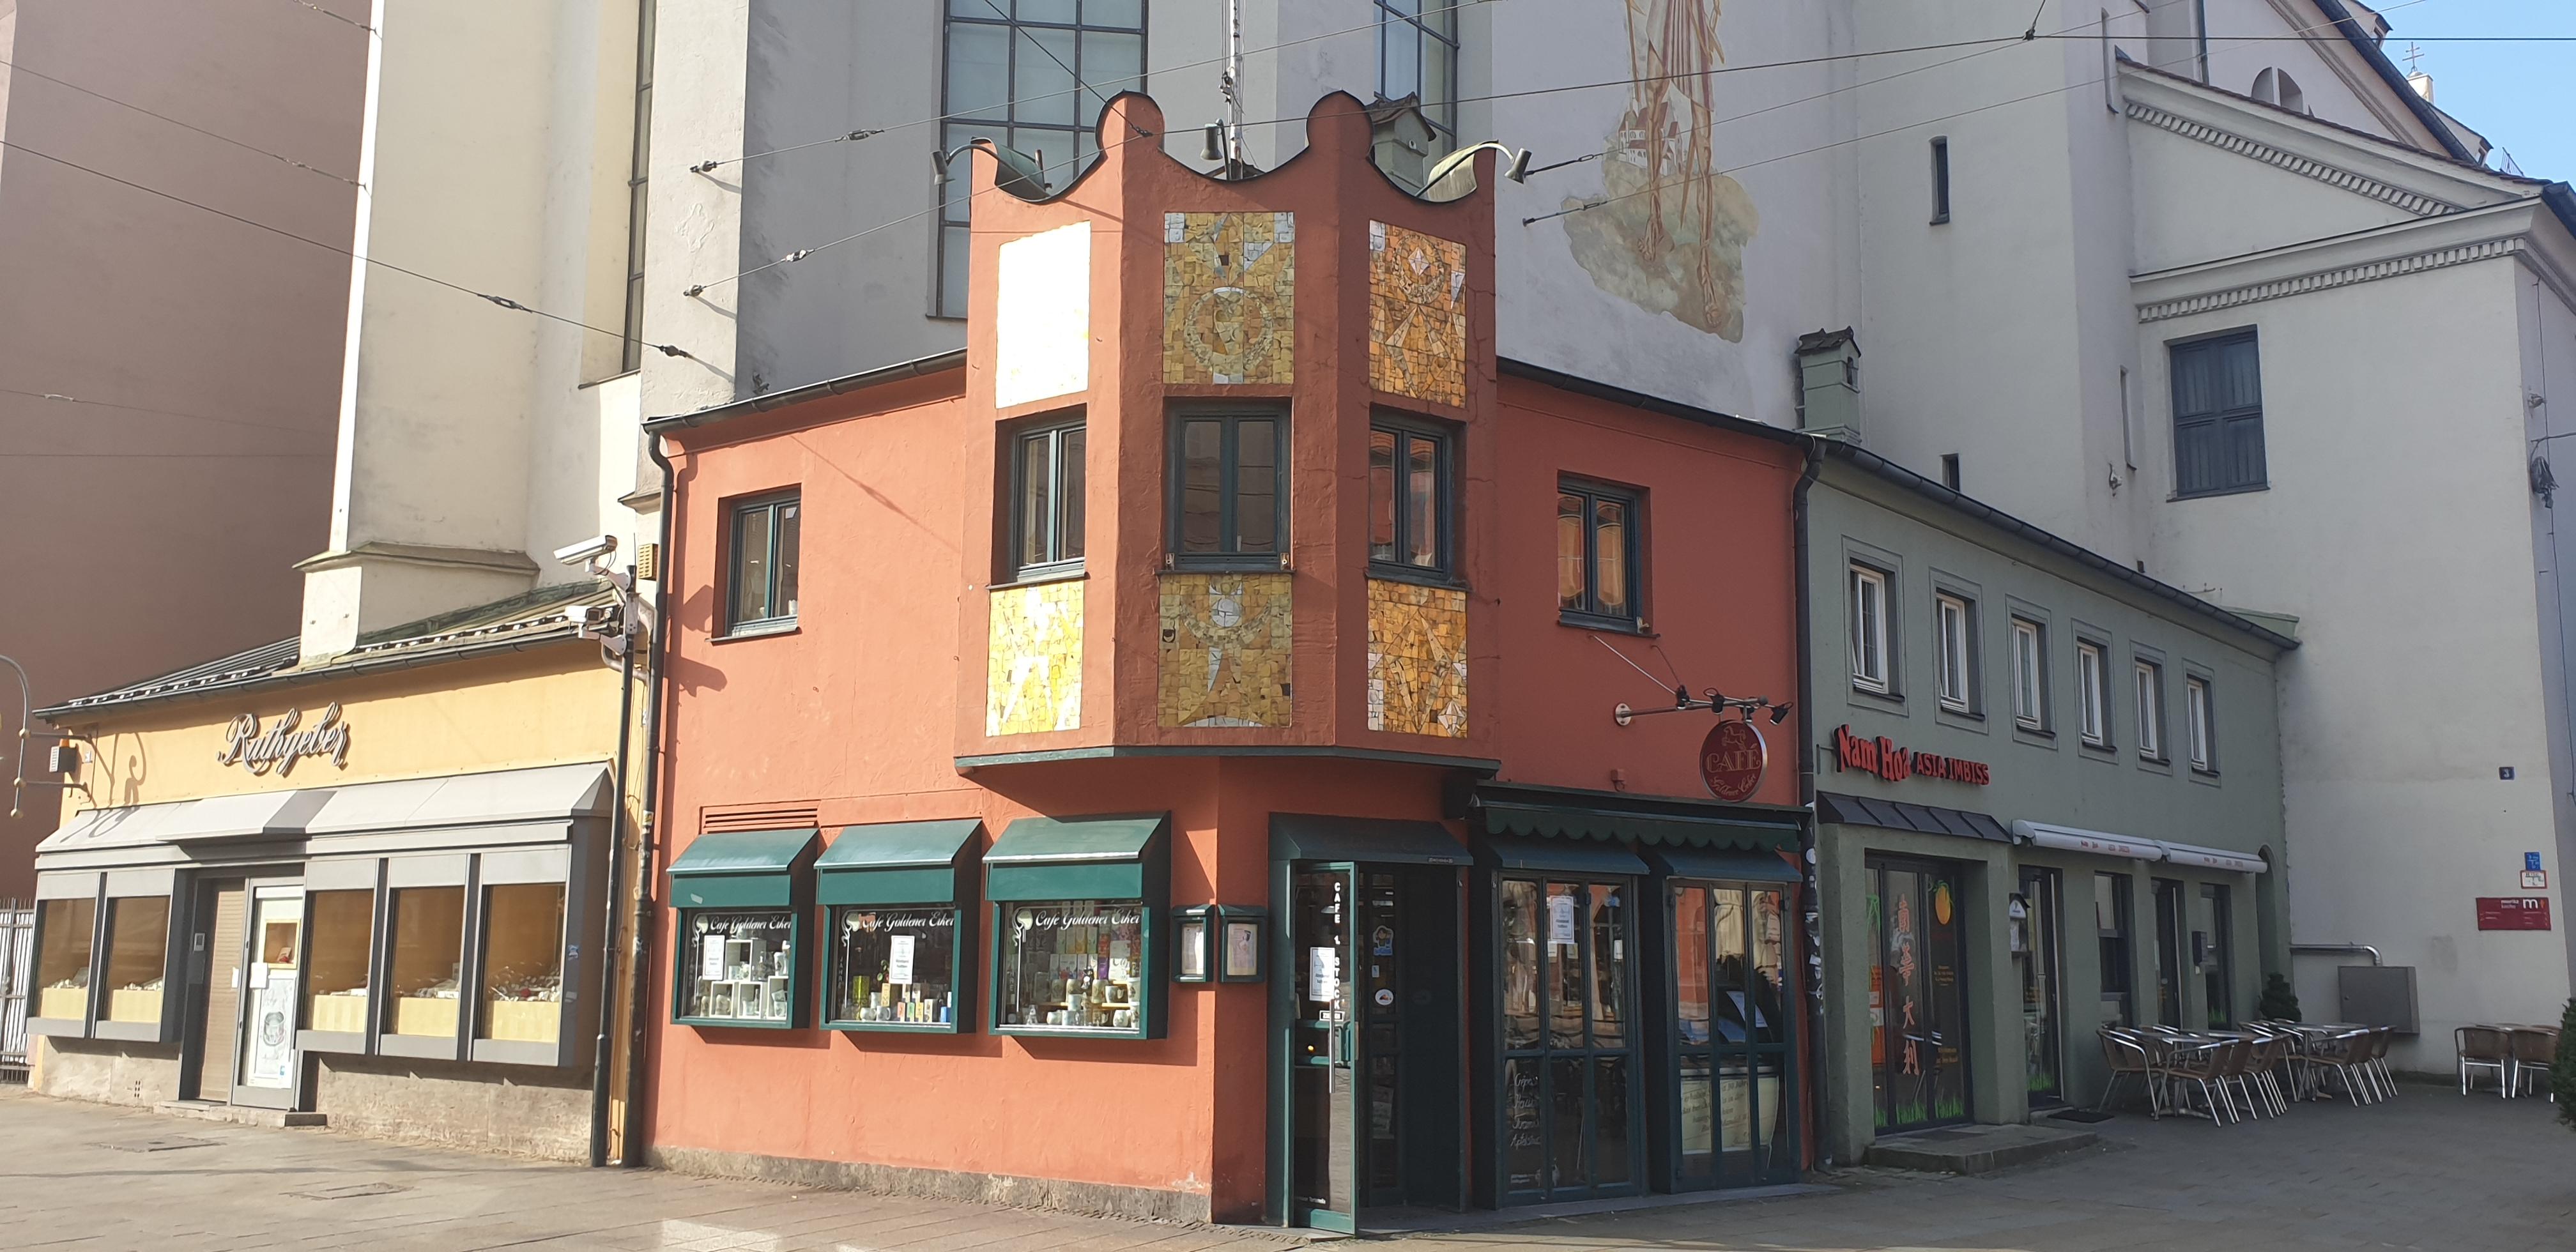 Cafe Goldener Erker